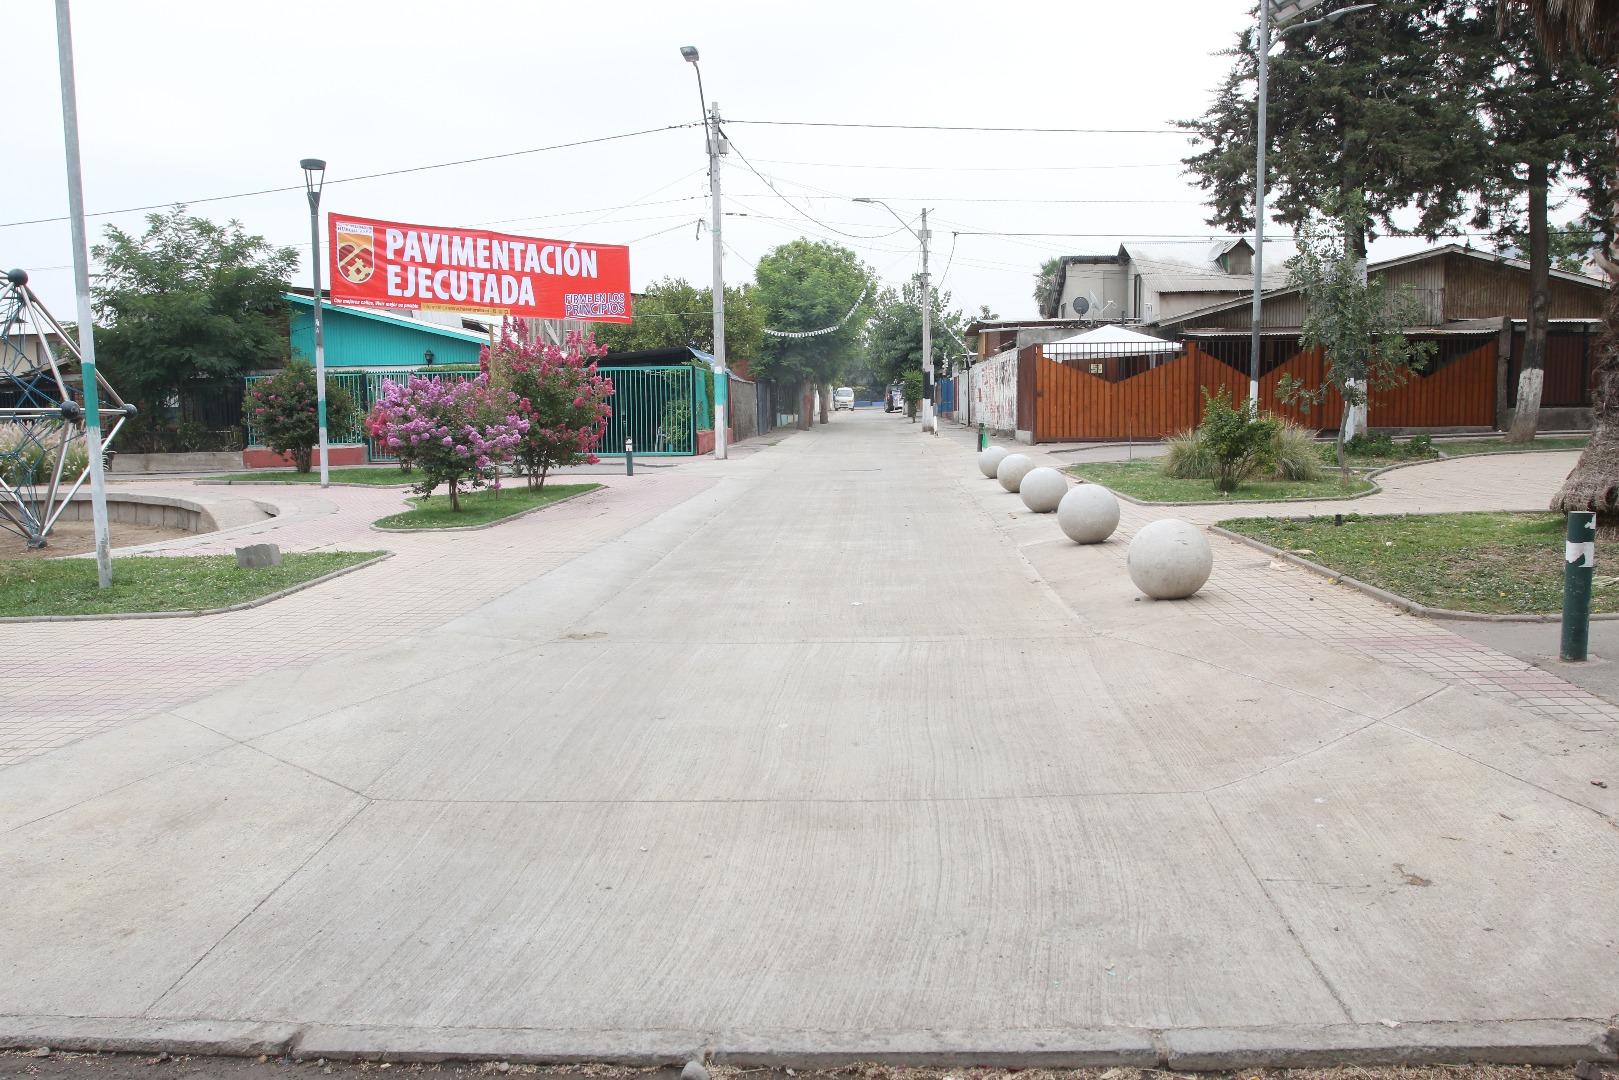 Pavimentación Ejecutada